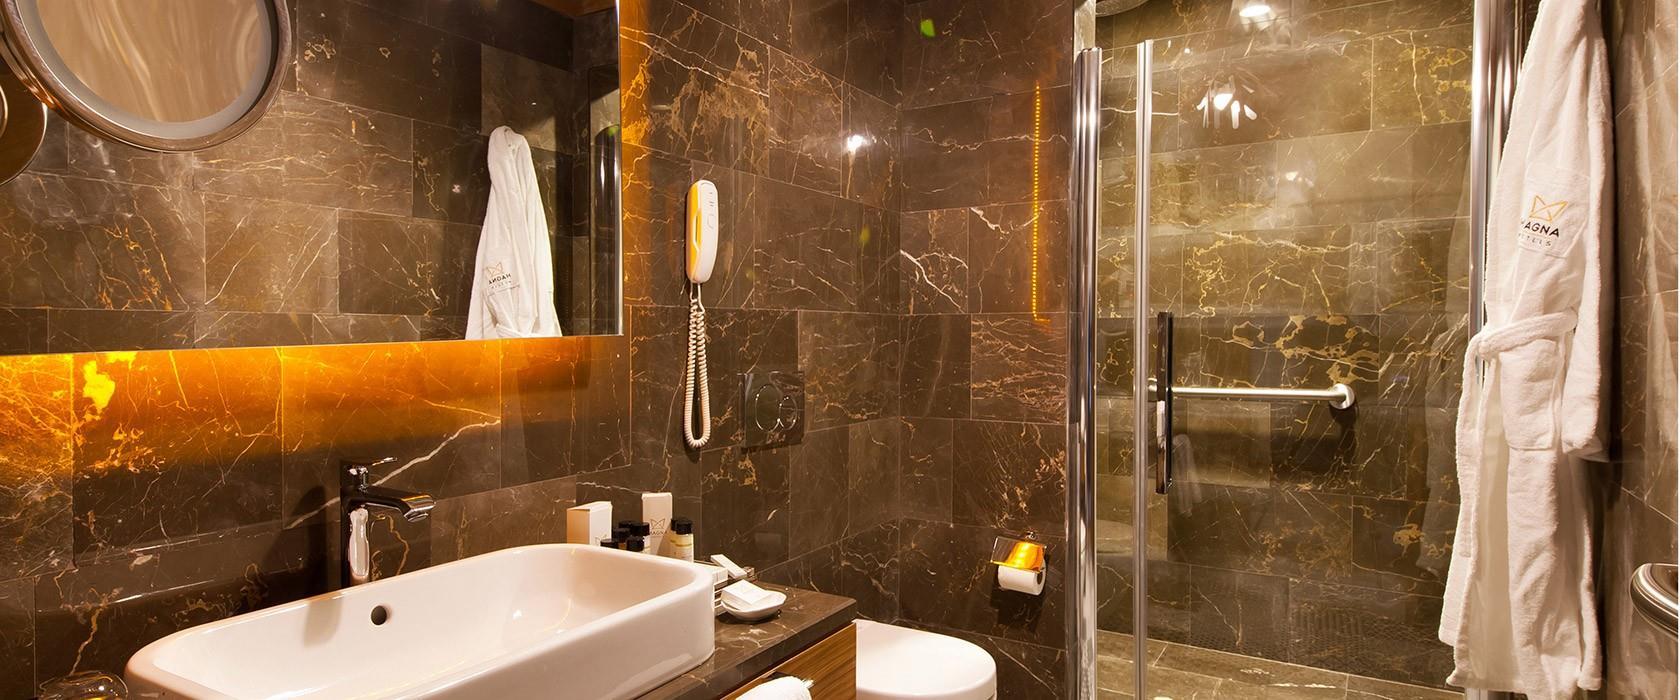 Magna Pivot Hotel203274